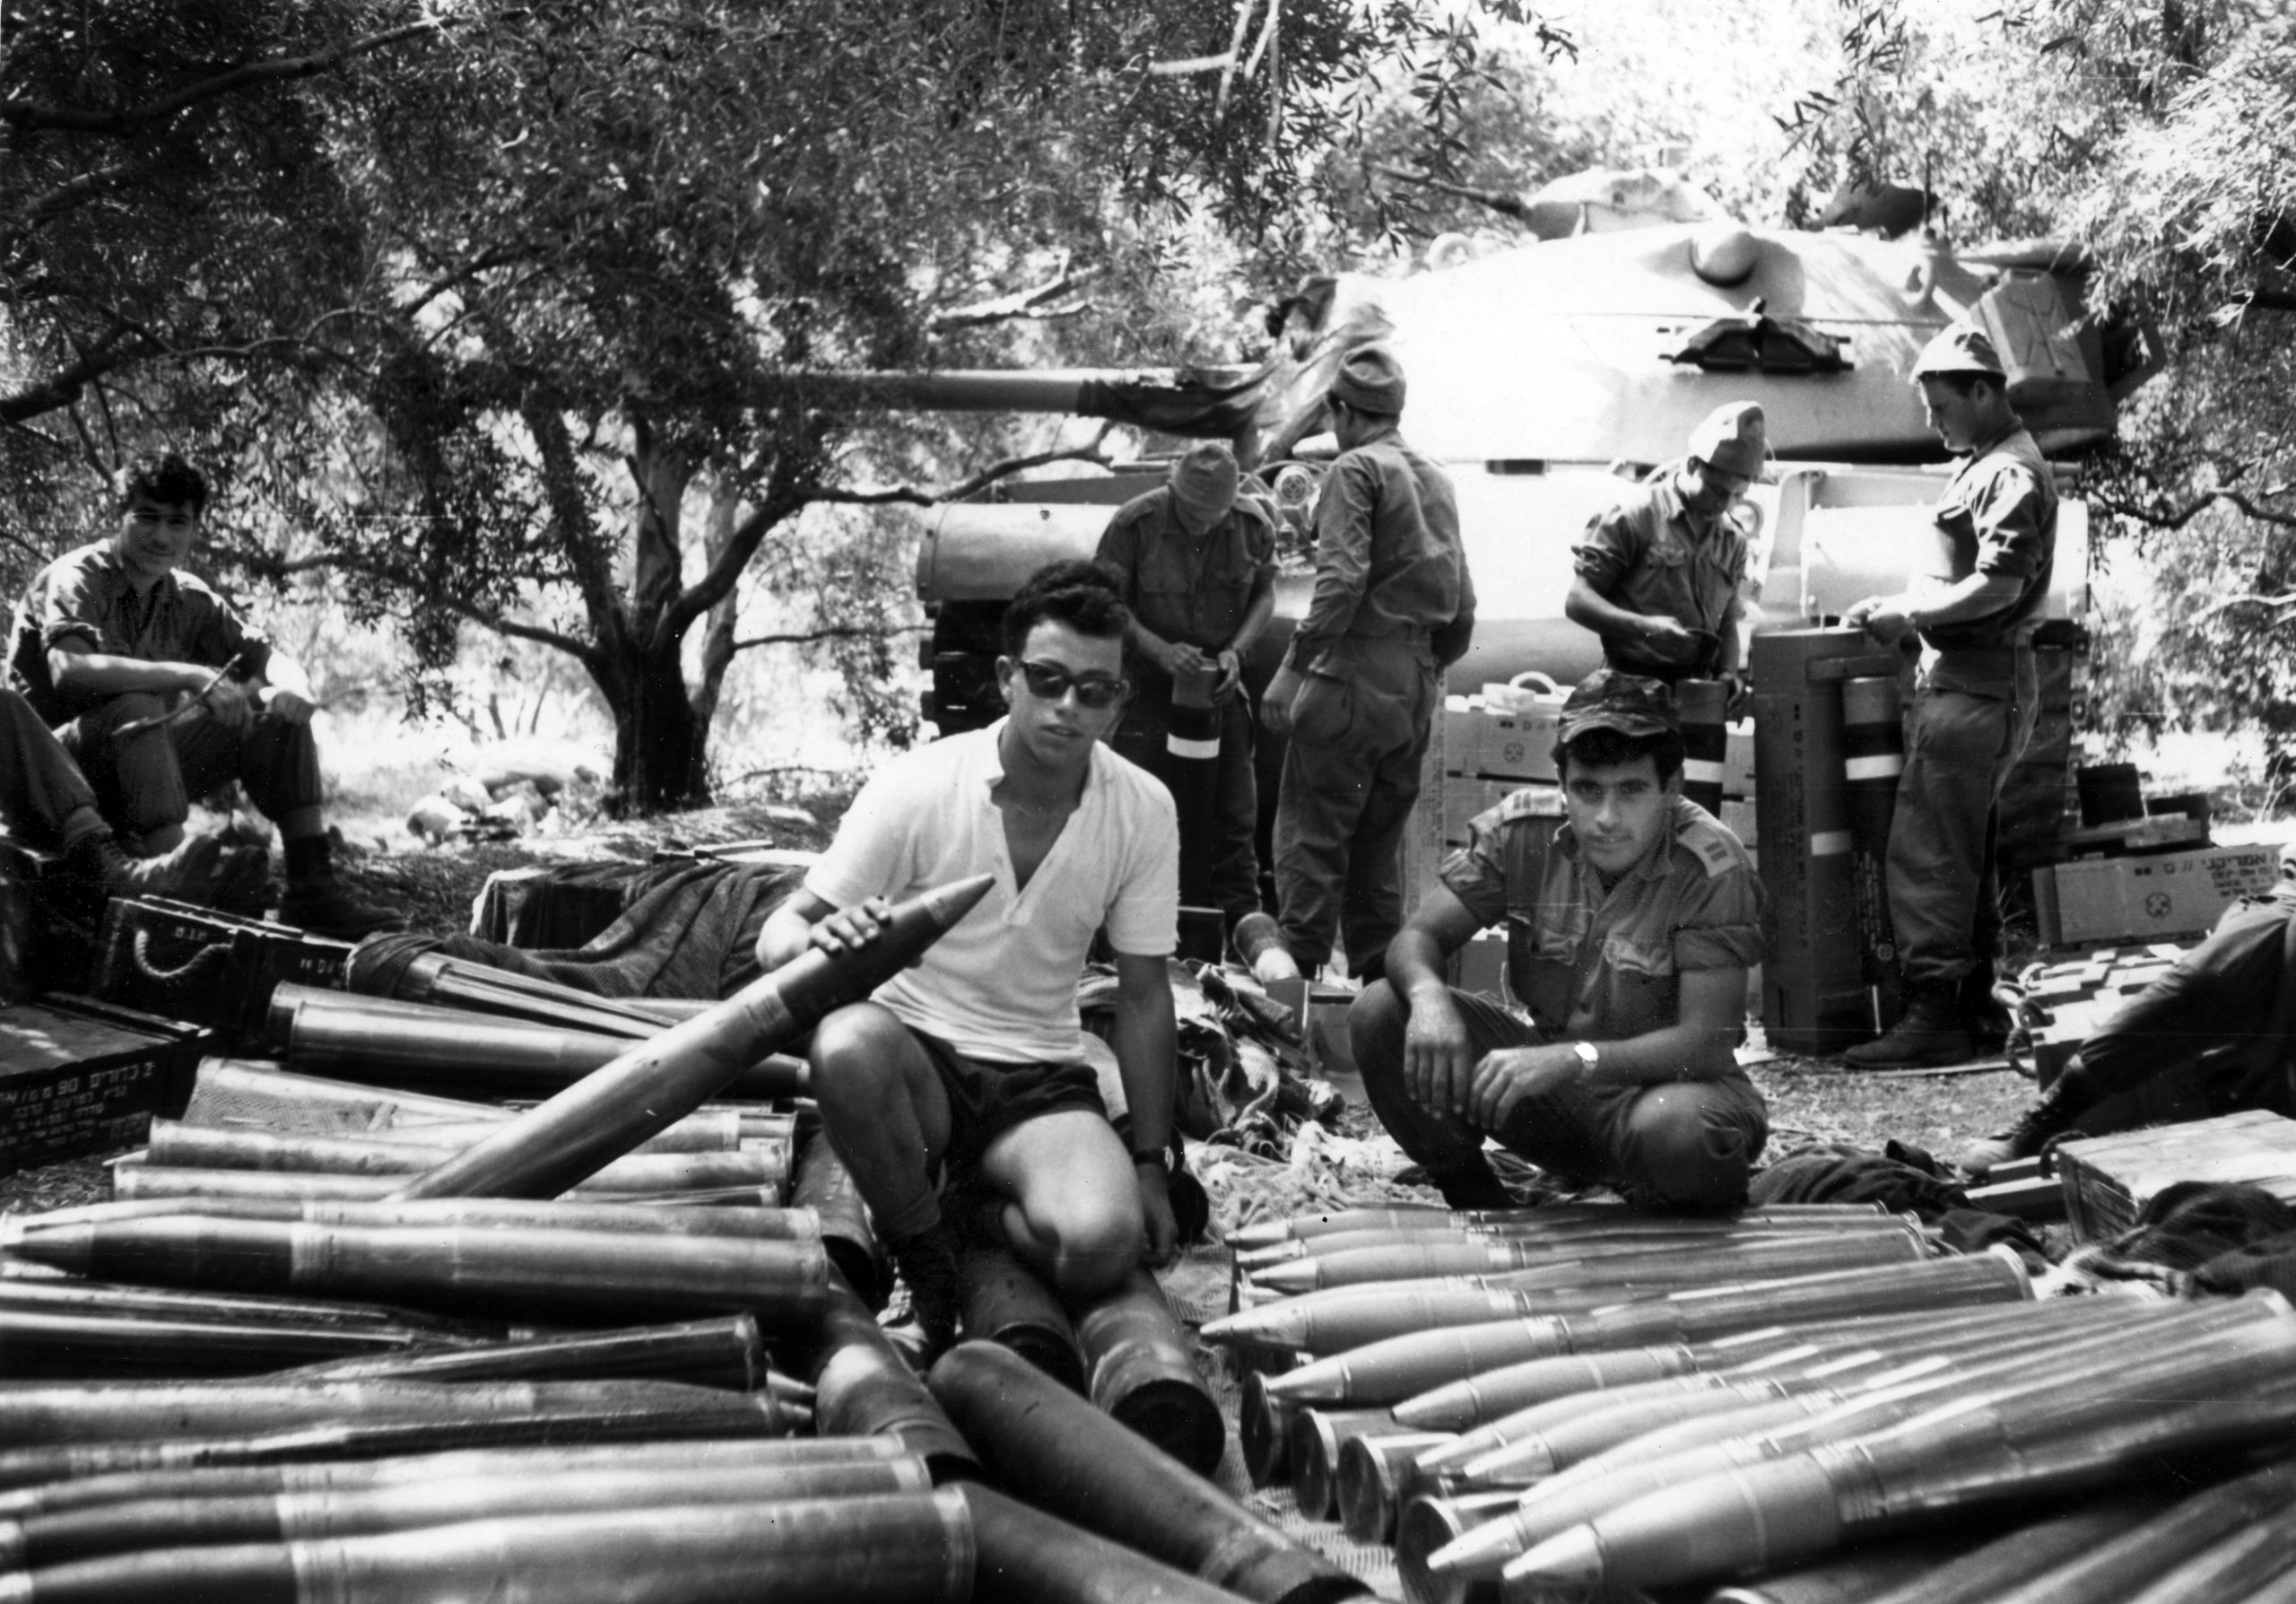 לוחמים ומפקדים בגדוד 79 בהתארגנות ליד טנק פטון M48A1. מי מזהה? (צילום אוסף האלוף ג'קי אבן)